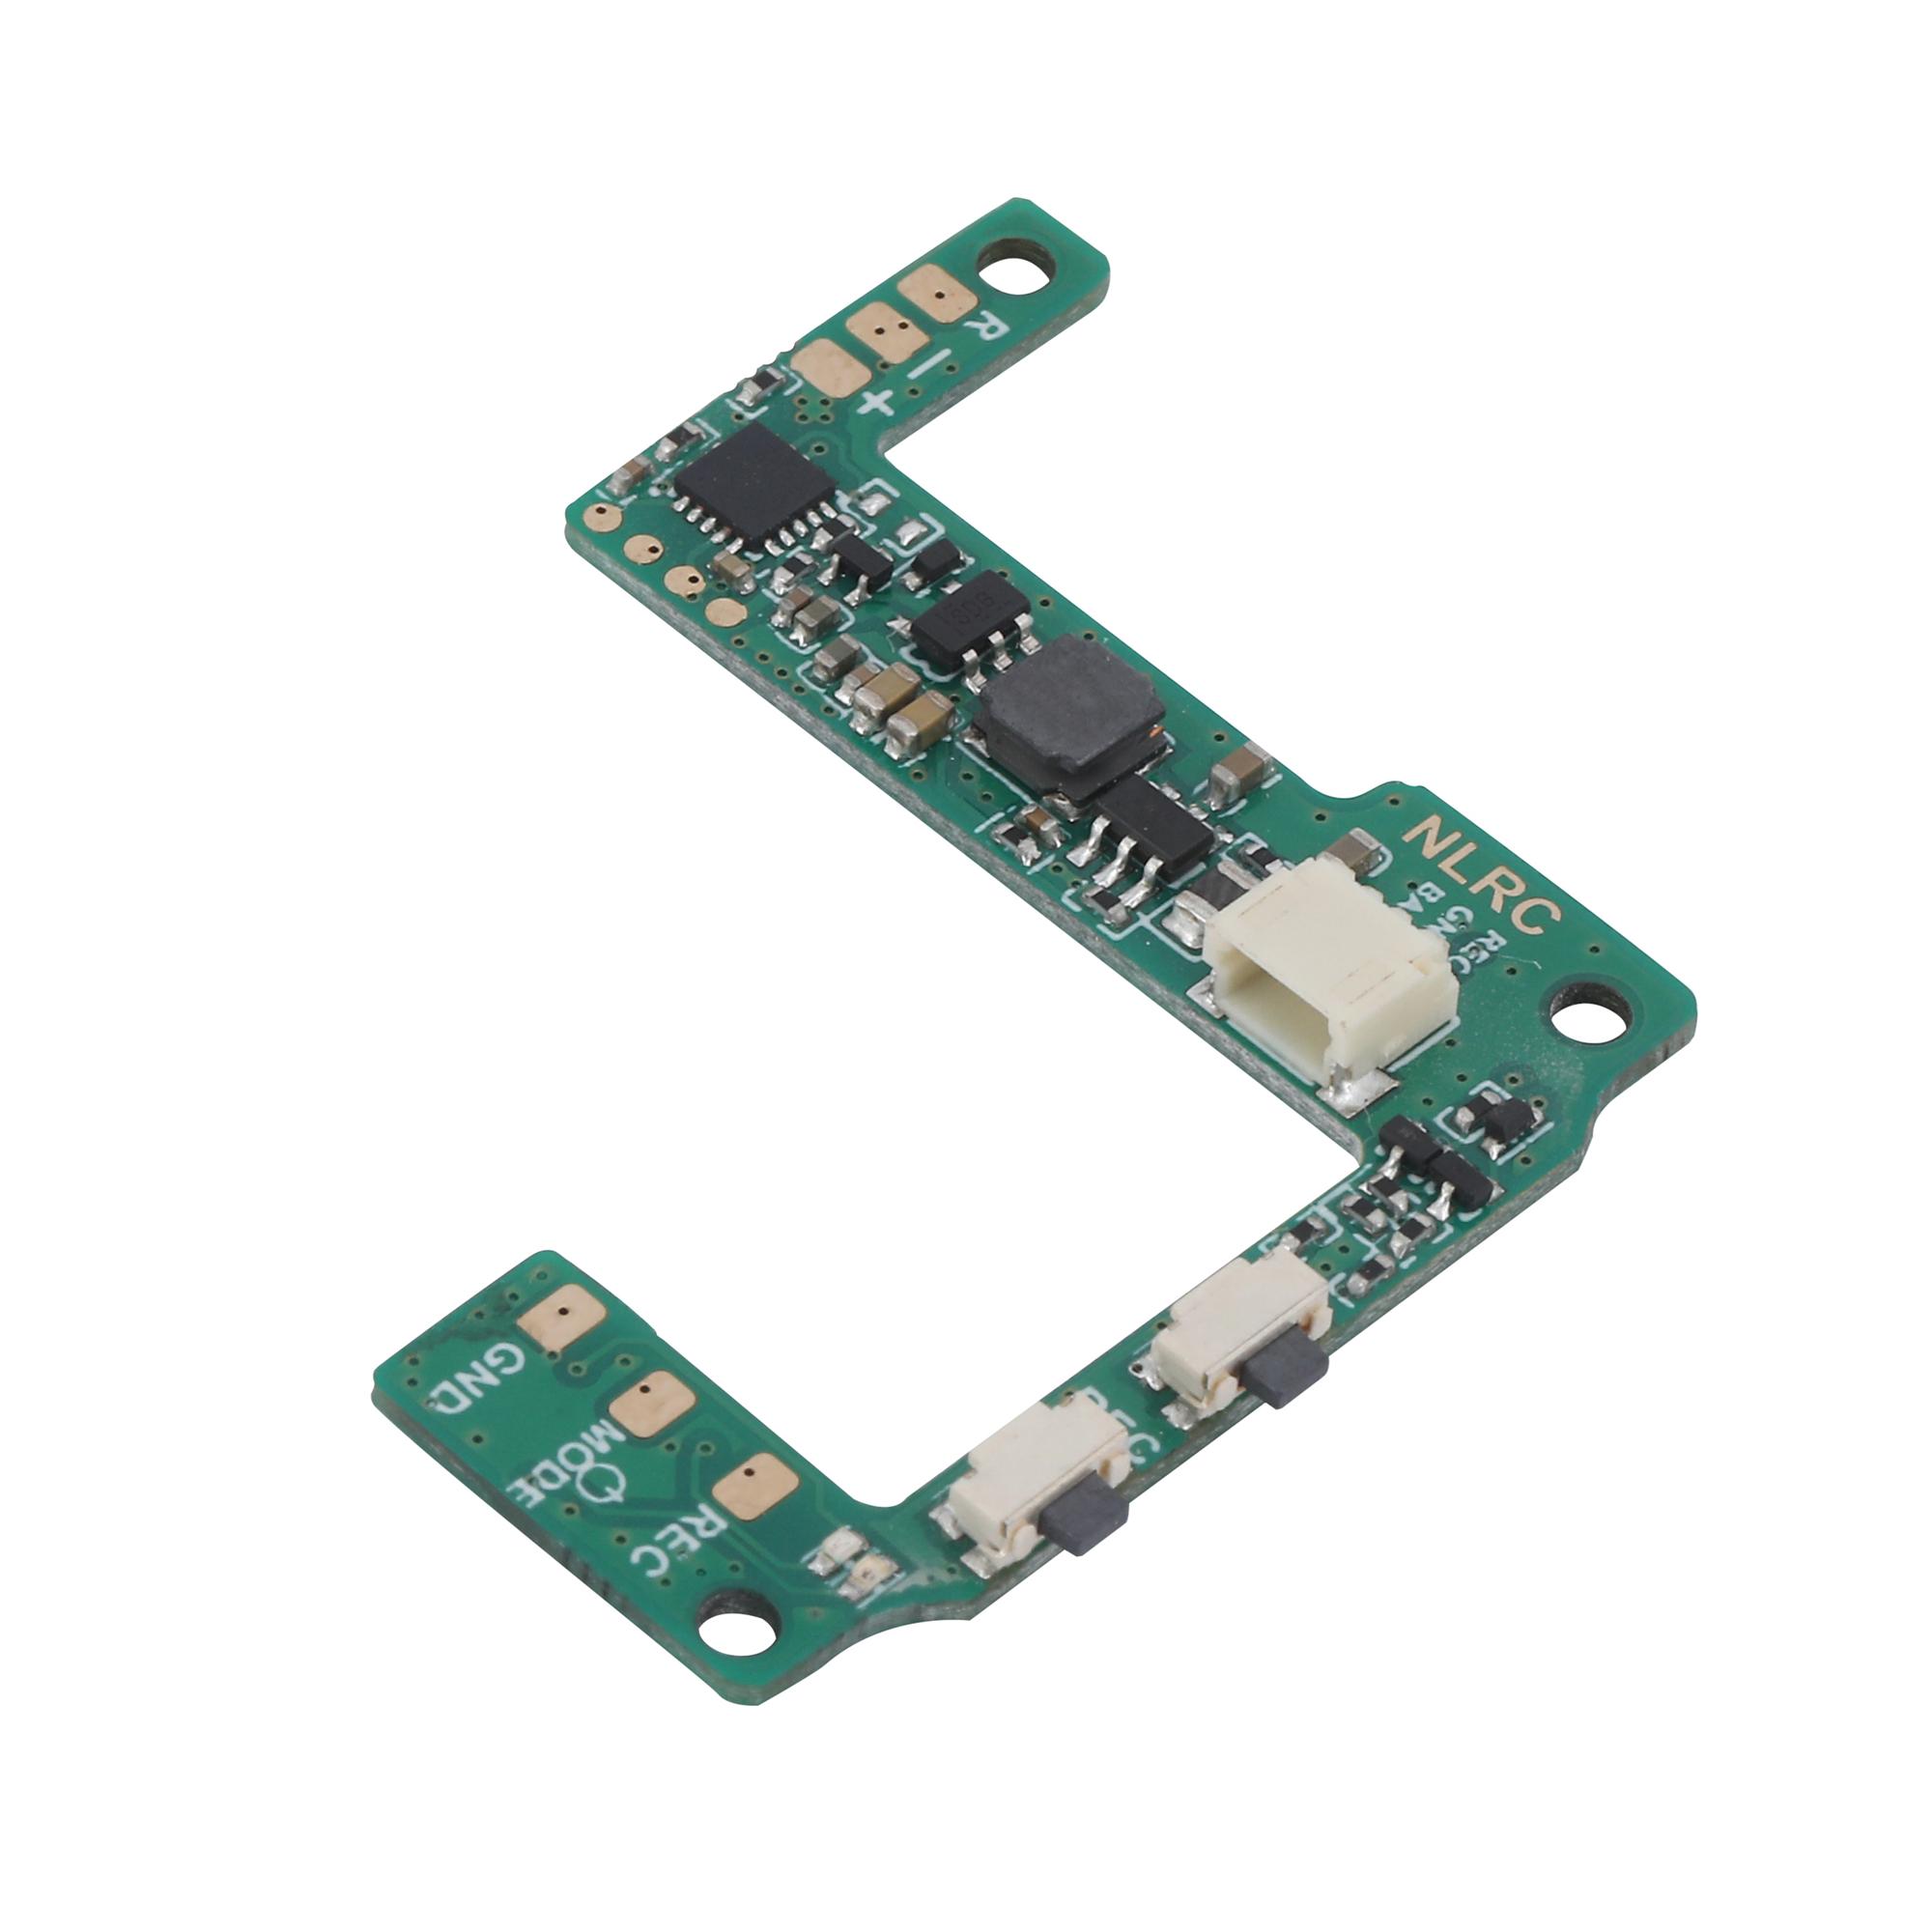 Namelessrc 2~6s 5v/1.5a sunny bec module for gopro hero6/7